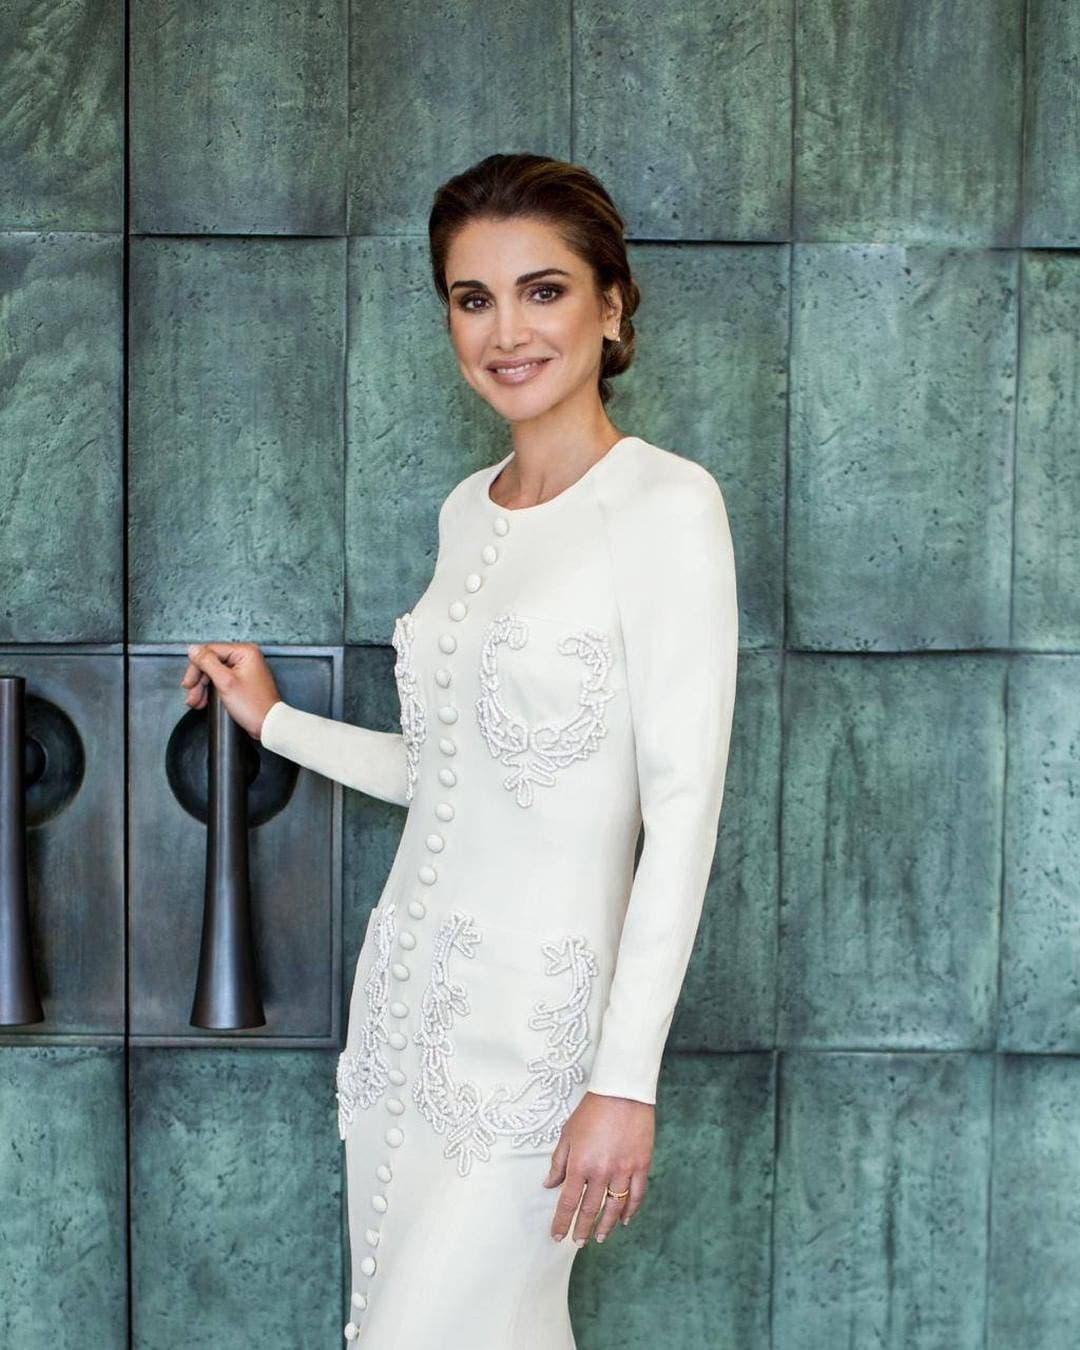 الملكة رانيا بإطلالة تحمل توقيع المصمم السعودي محمد آشي